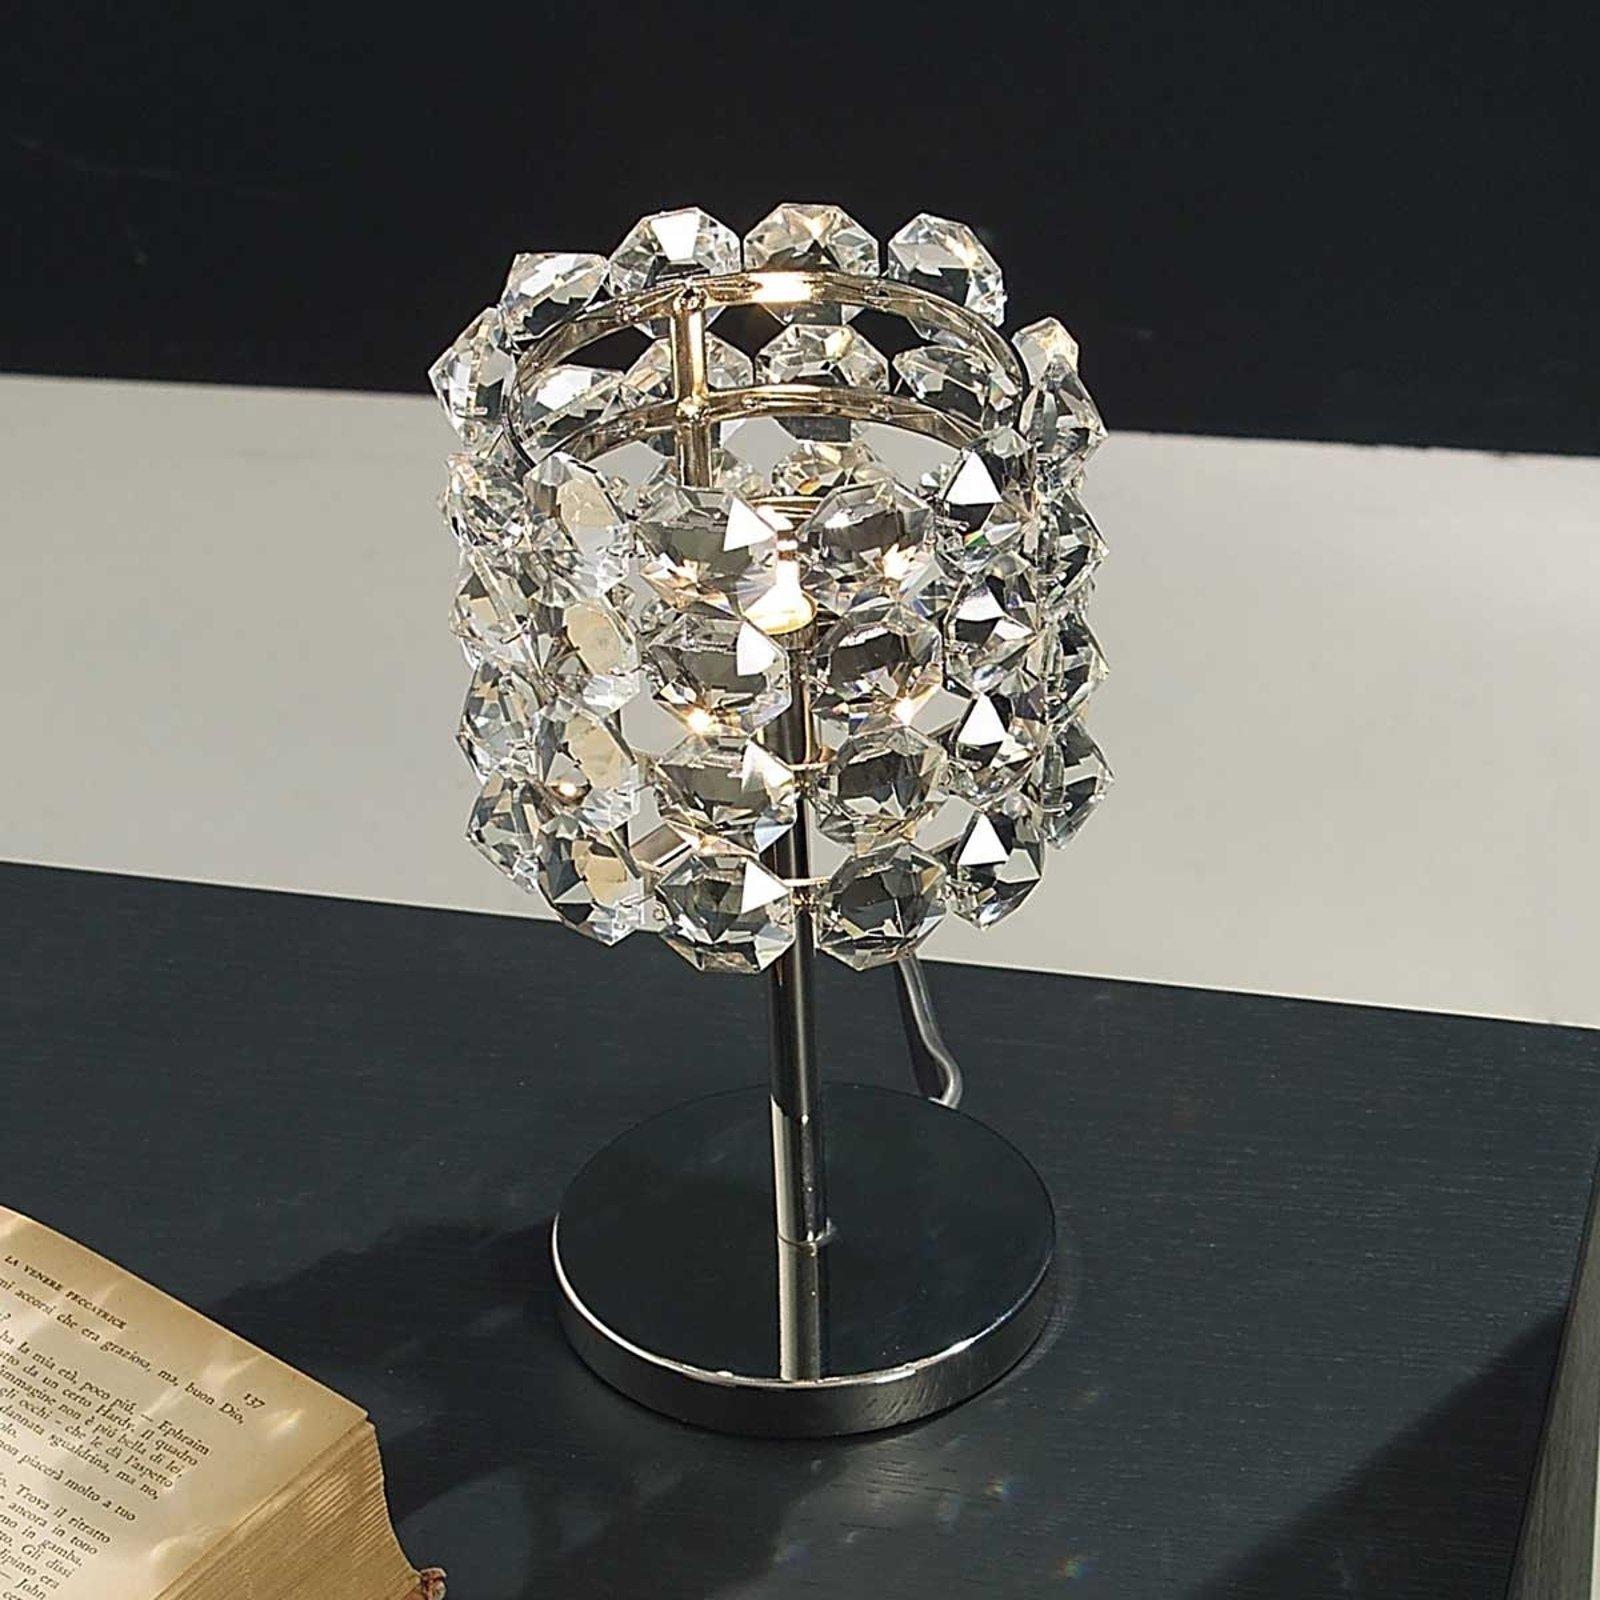 Krystall bordlampe BACCARAT